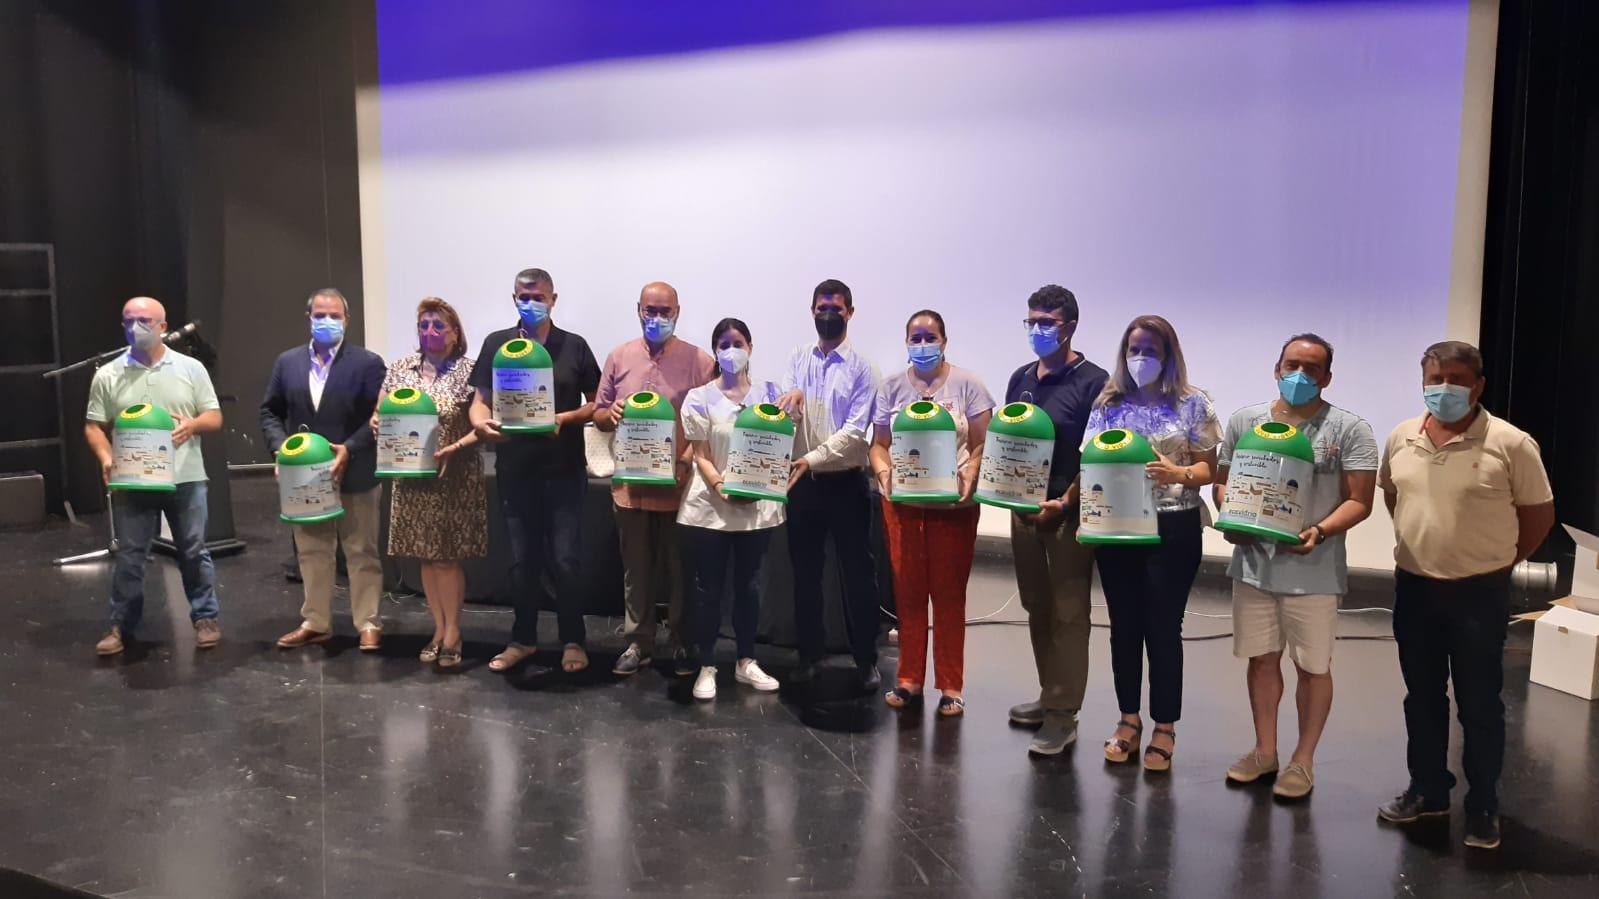 Ocho municipios de la Costa de Granada competirán este verano por conseguir la Bandera Verde de Ecovidrio